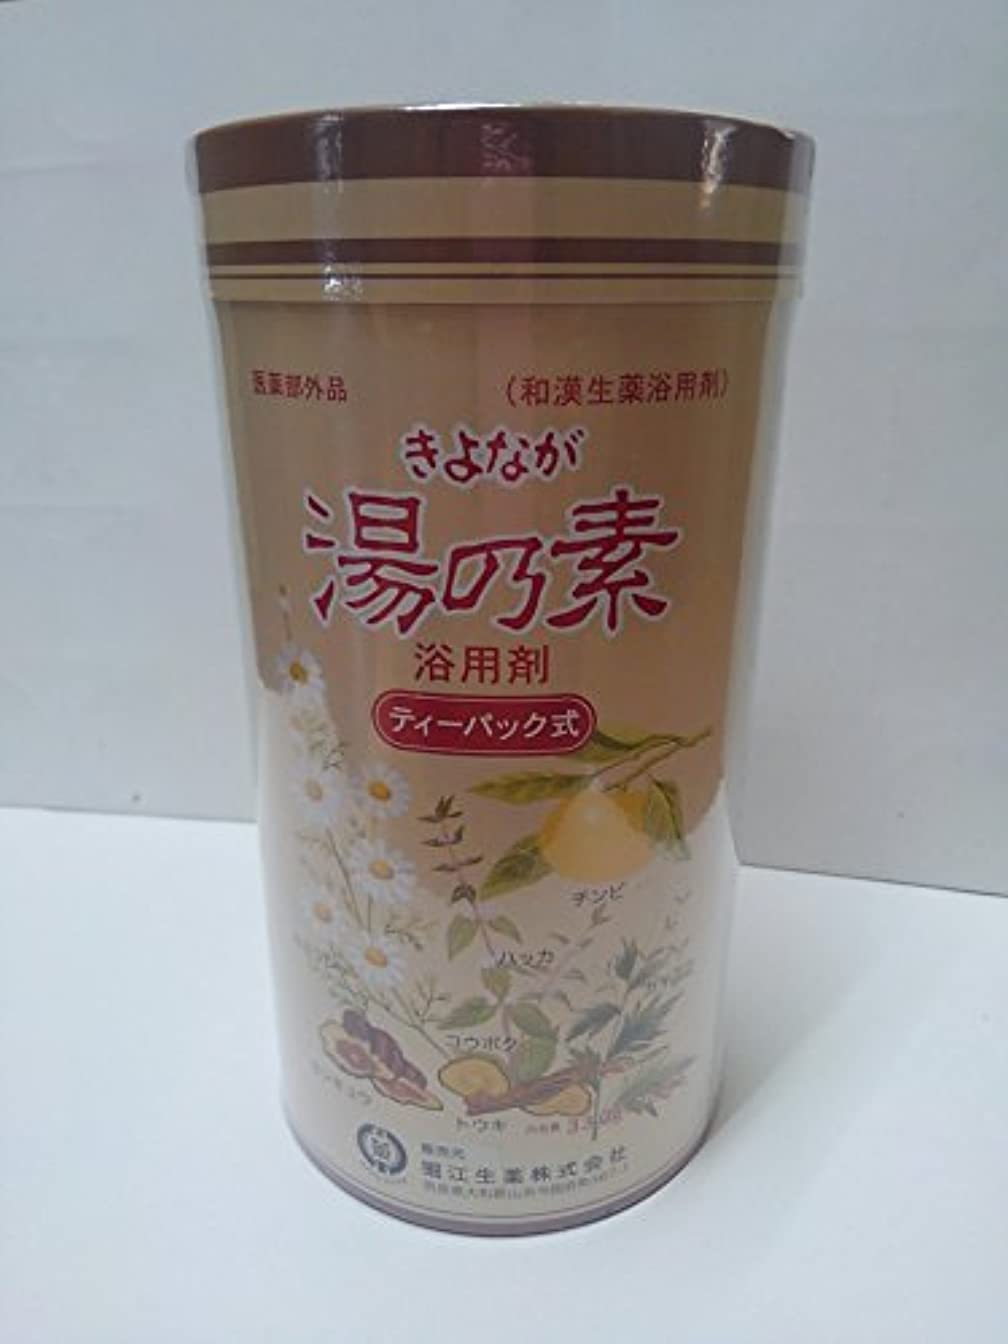 立ち向かう形成アコー和漢生薬配合浴用剤 きよなが 「湯の素」 (テ?ーパック式)